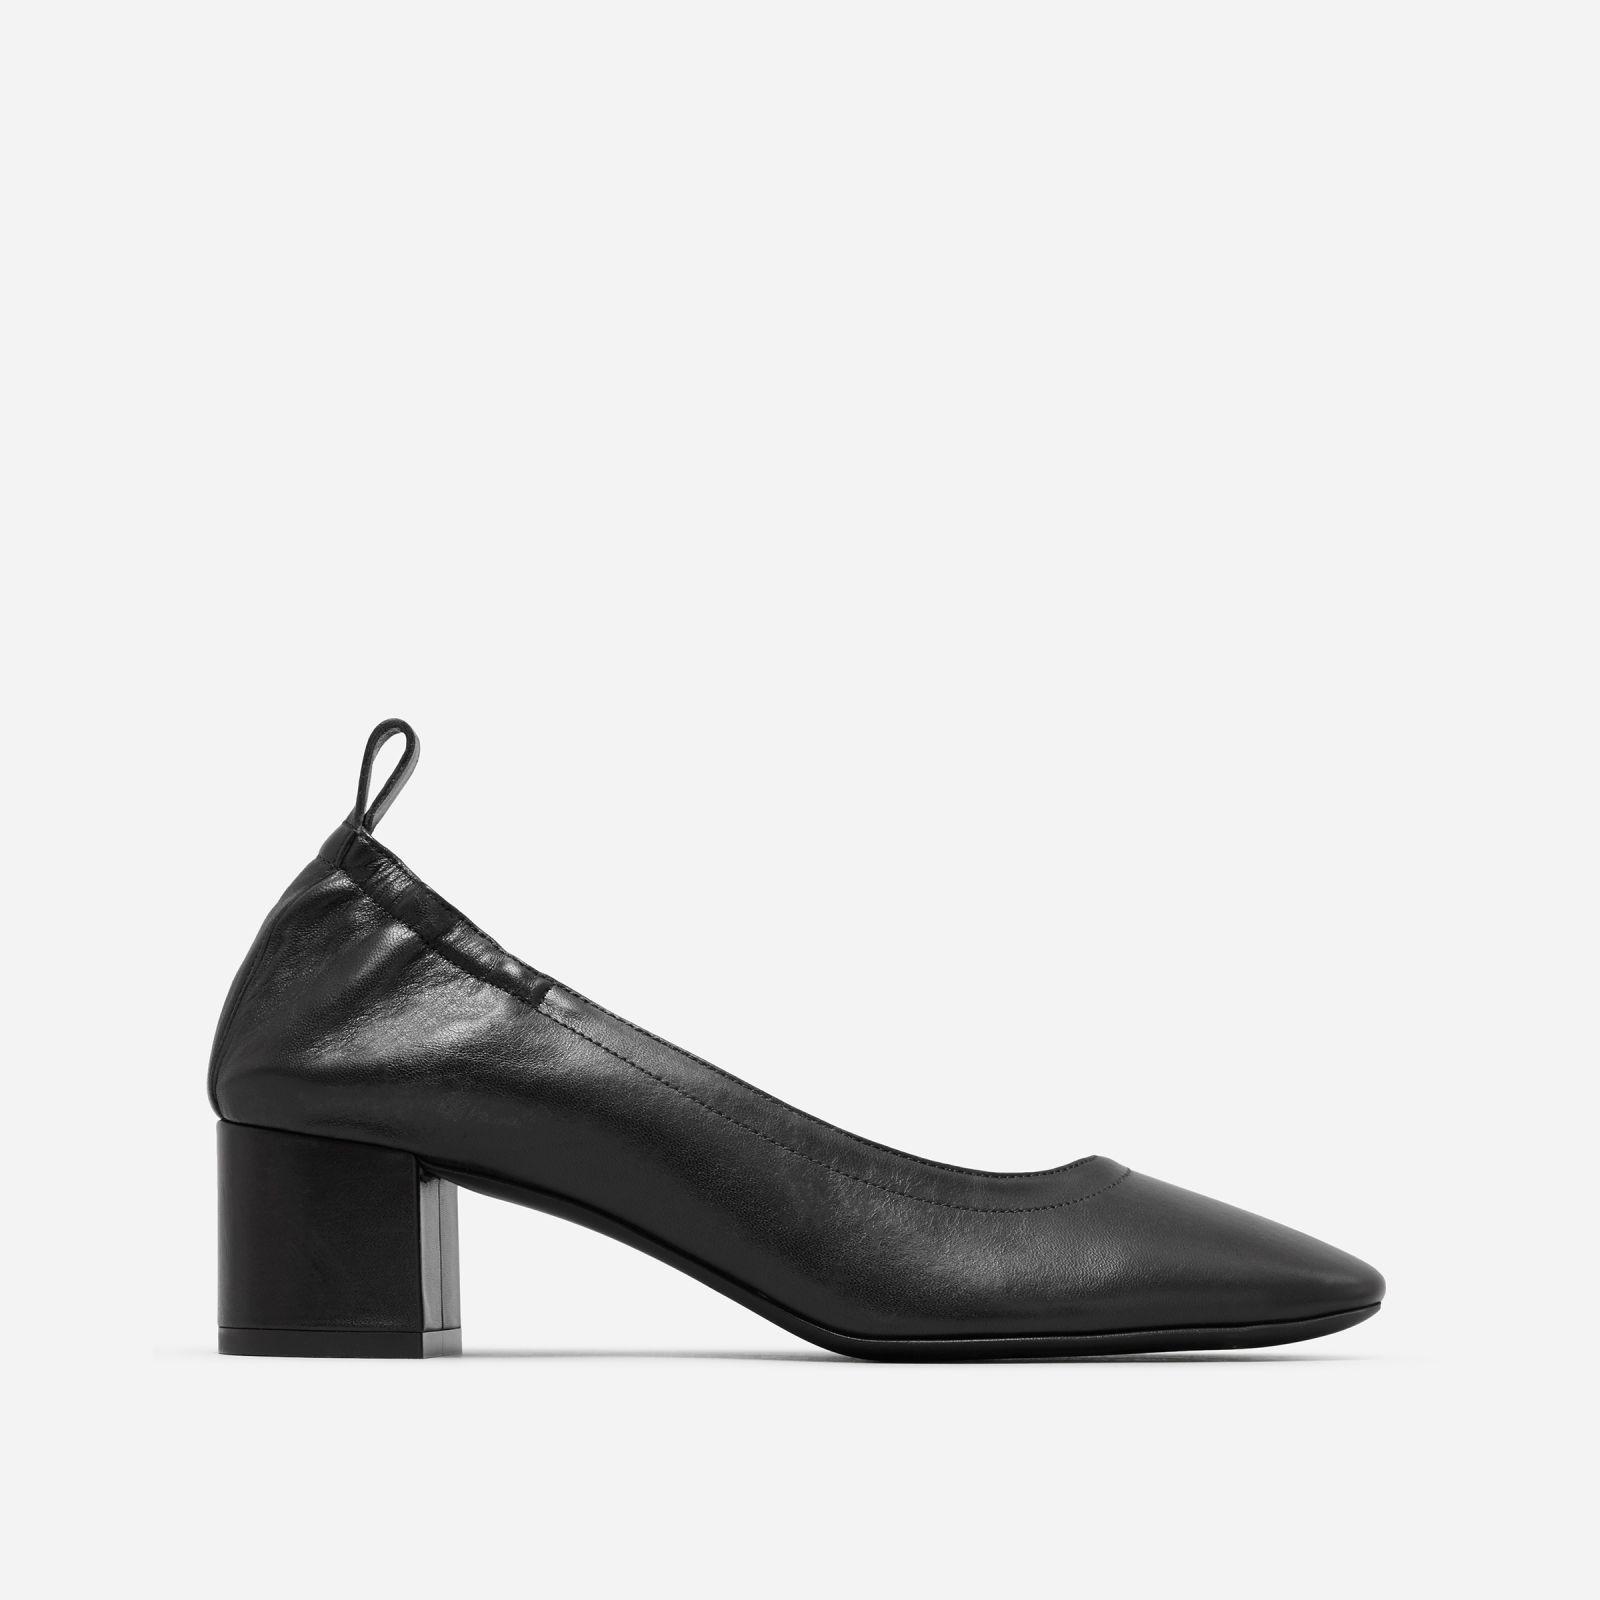 Women's Leather Block Heel Pump